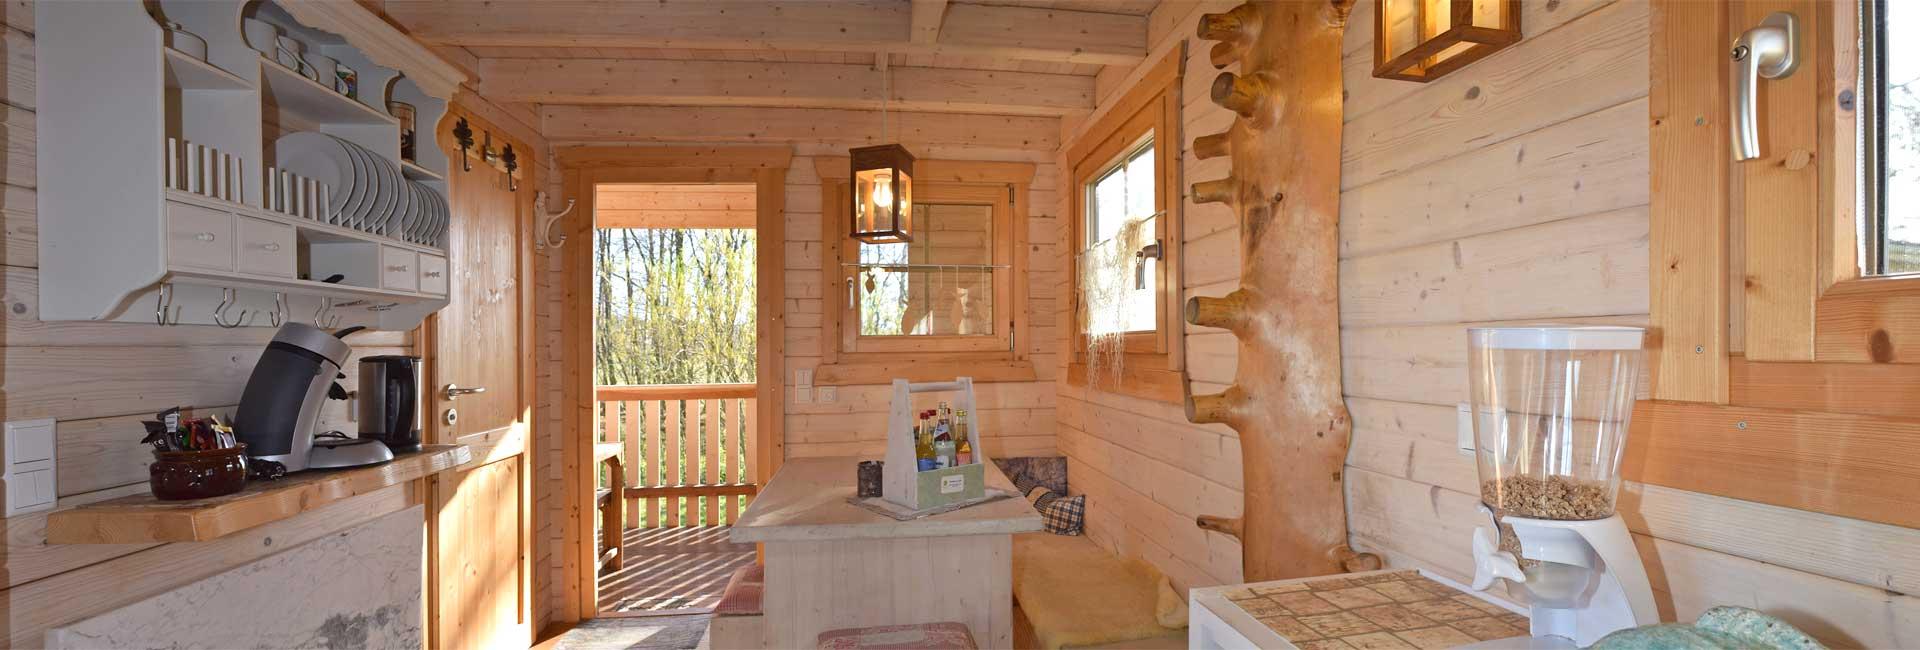 preise baumhotel auszeit urlaub im baumhaus bayern ferien bernachten natur. Black Bedroom Furniture Sets. Home Design Ideas